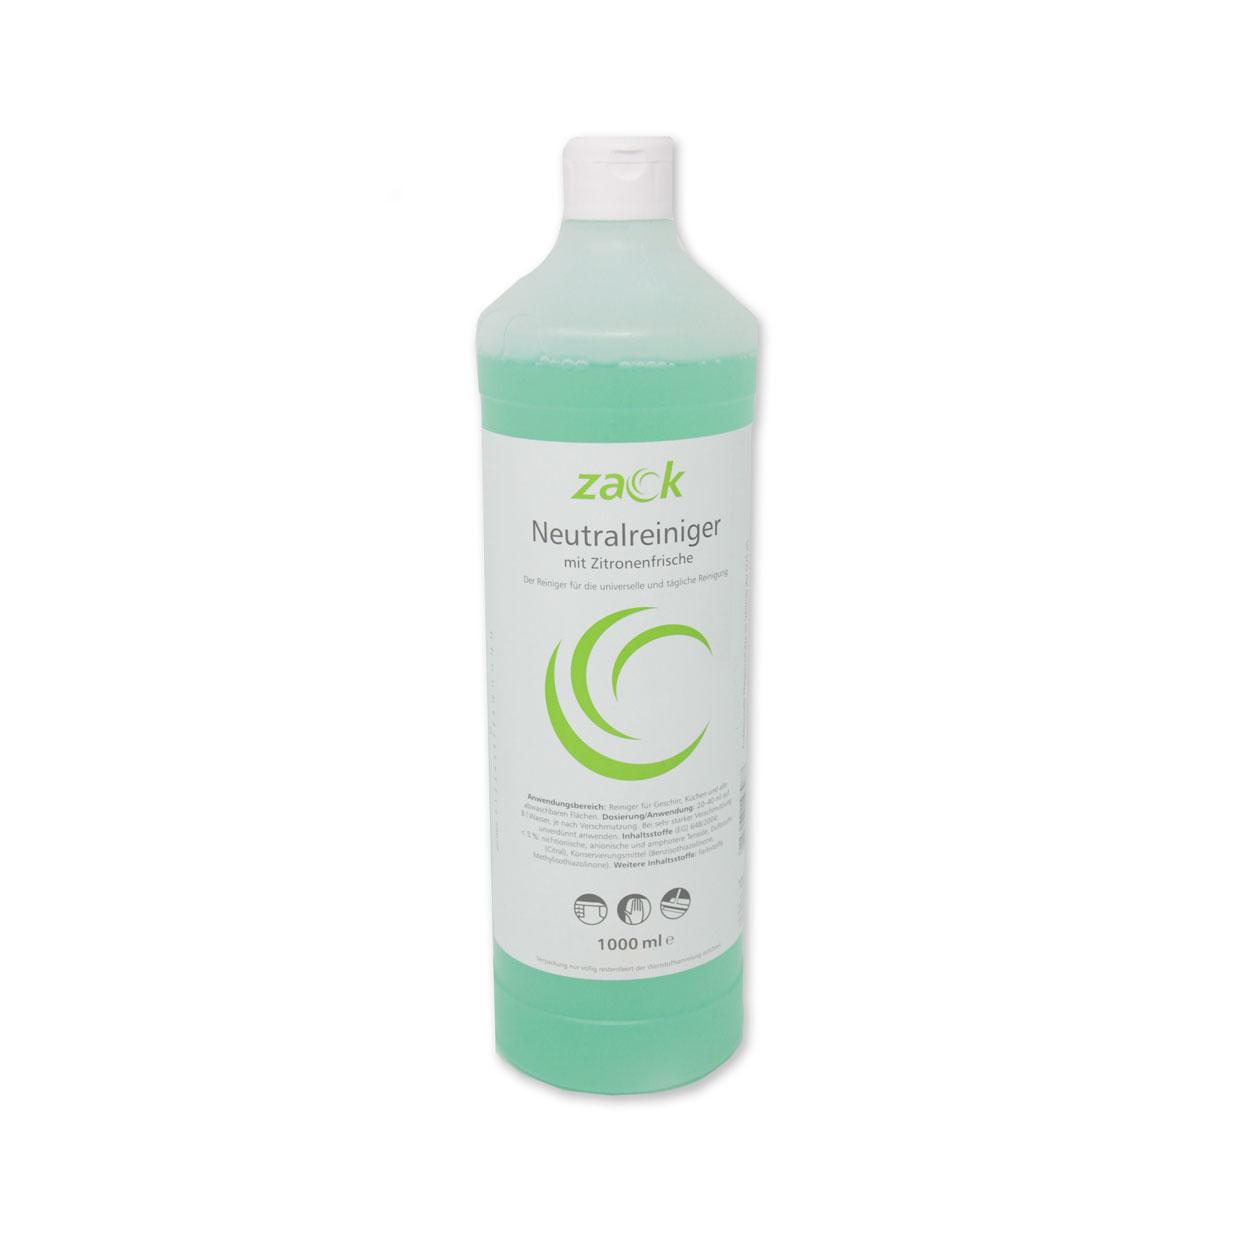 ZACK Neutralreiniger mit Zitronenfrische - 1000 ml - Flasche